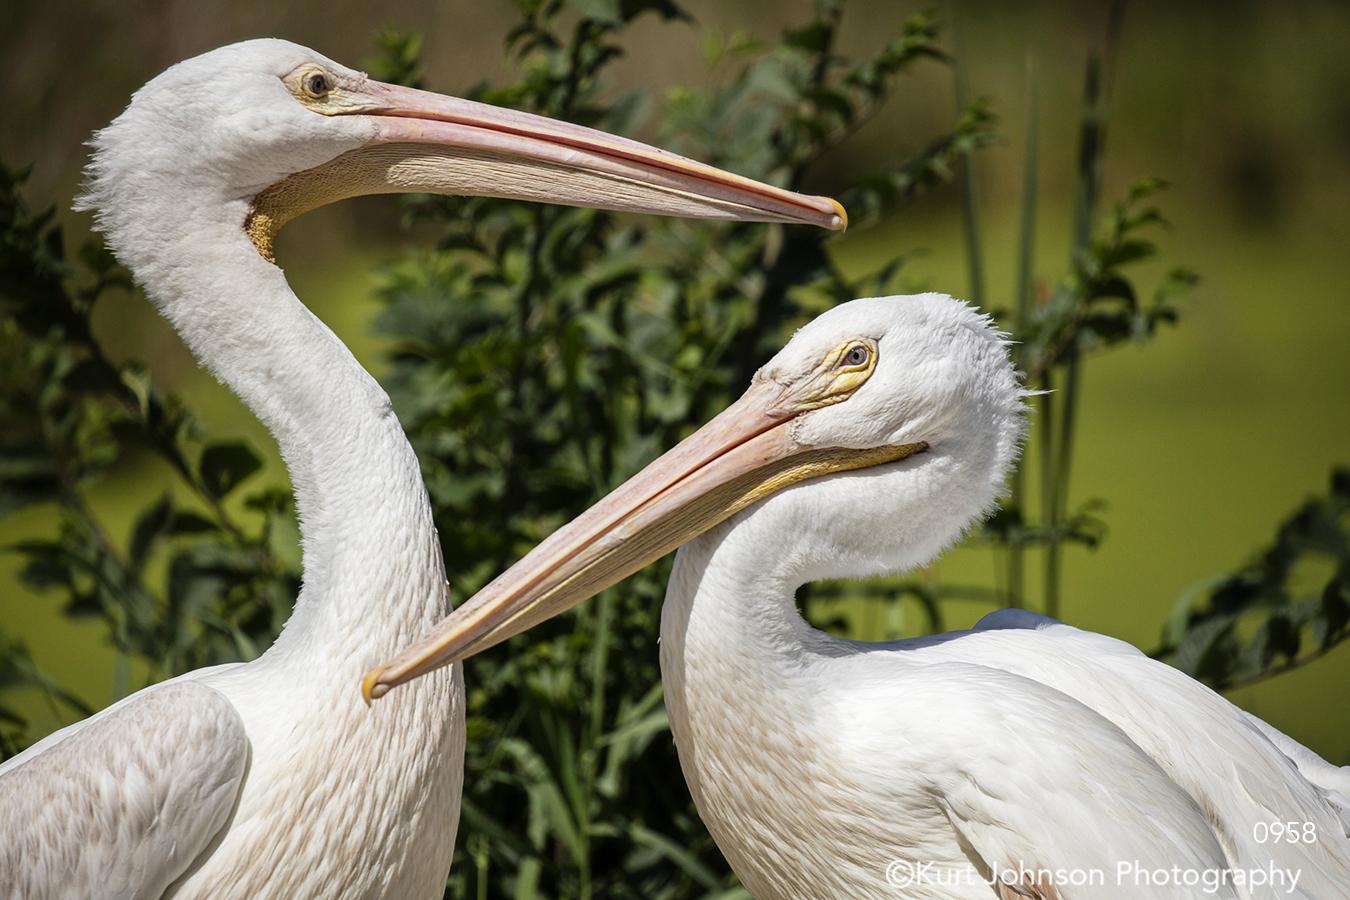 animals wildlife birds pelicans green white